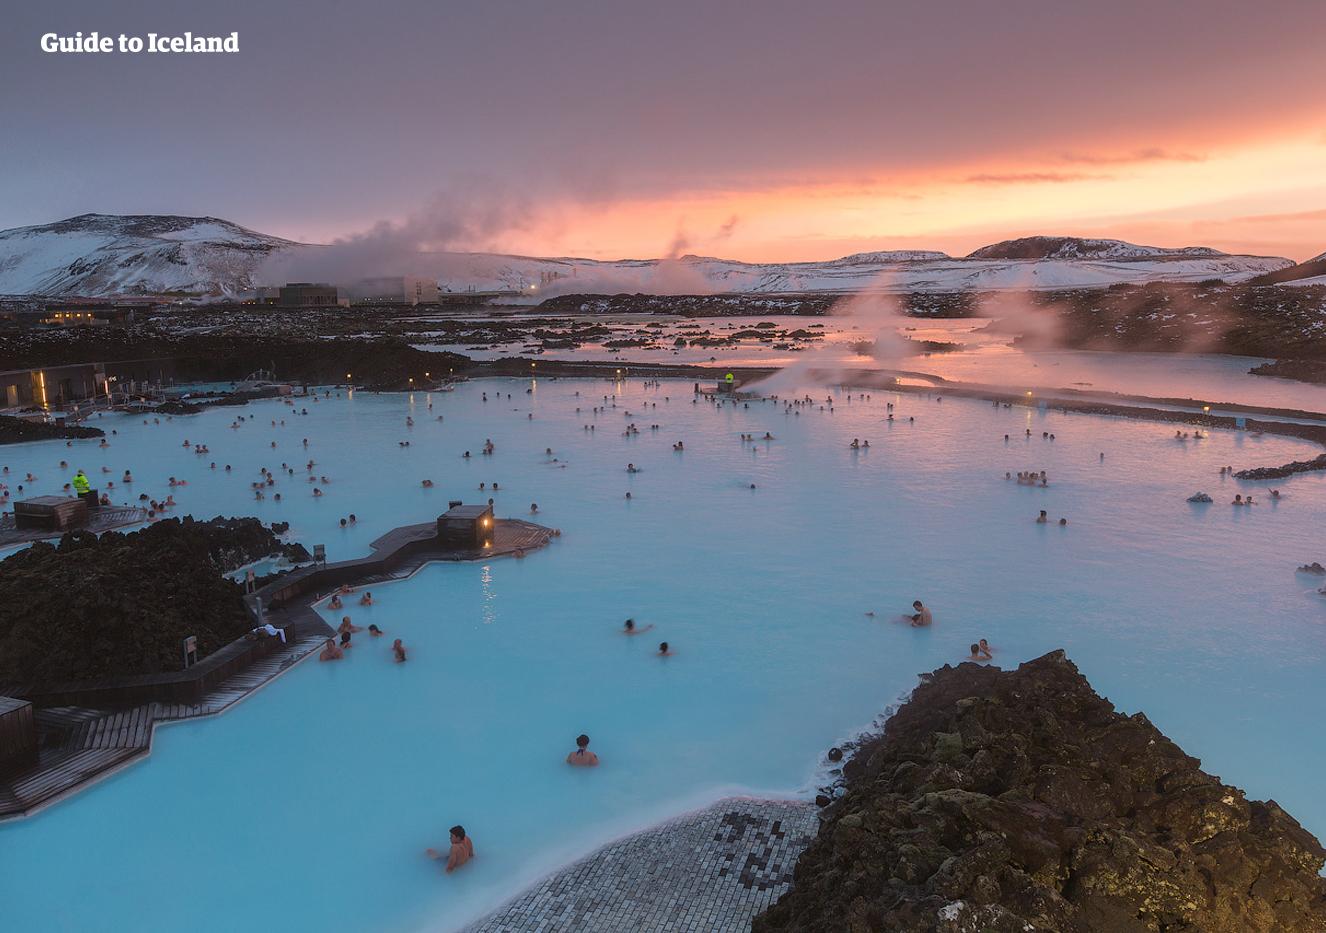 Blue Lagoon to basen, spa i centrum zabiegowe na półwyspie Reykjanes, otwarte dla zwiedzających przez cały rok.